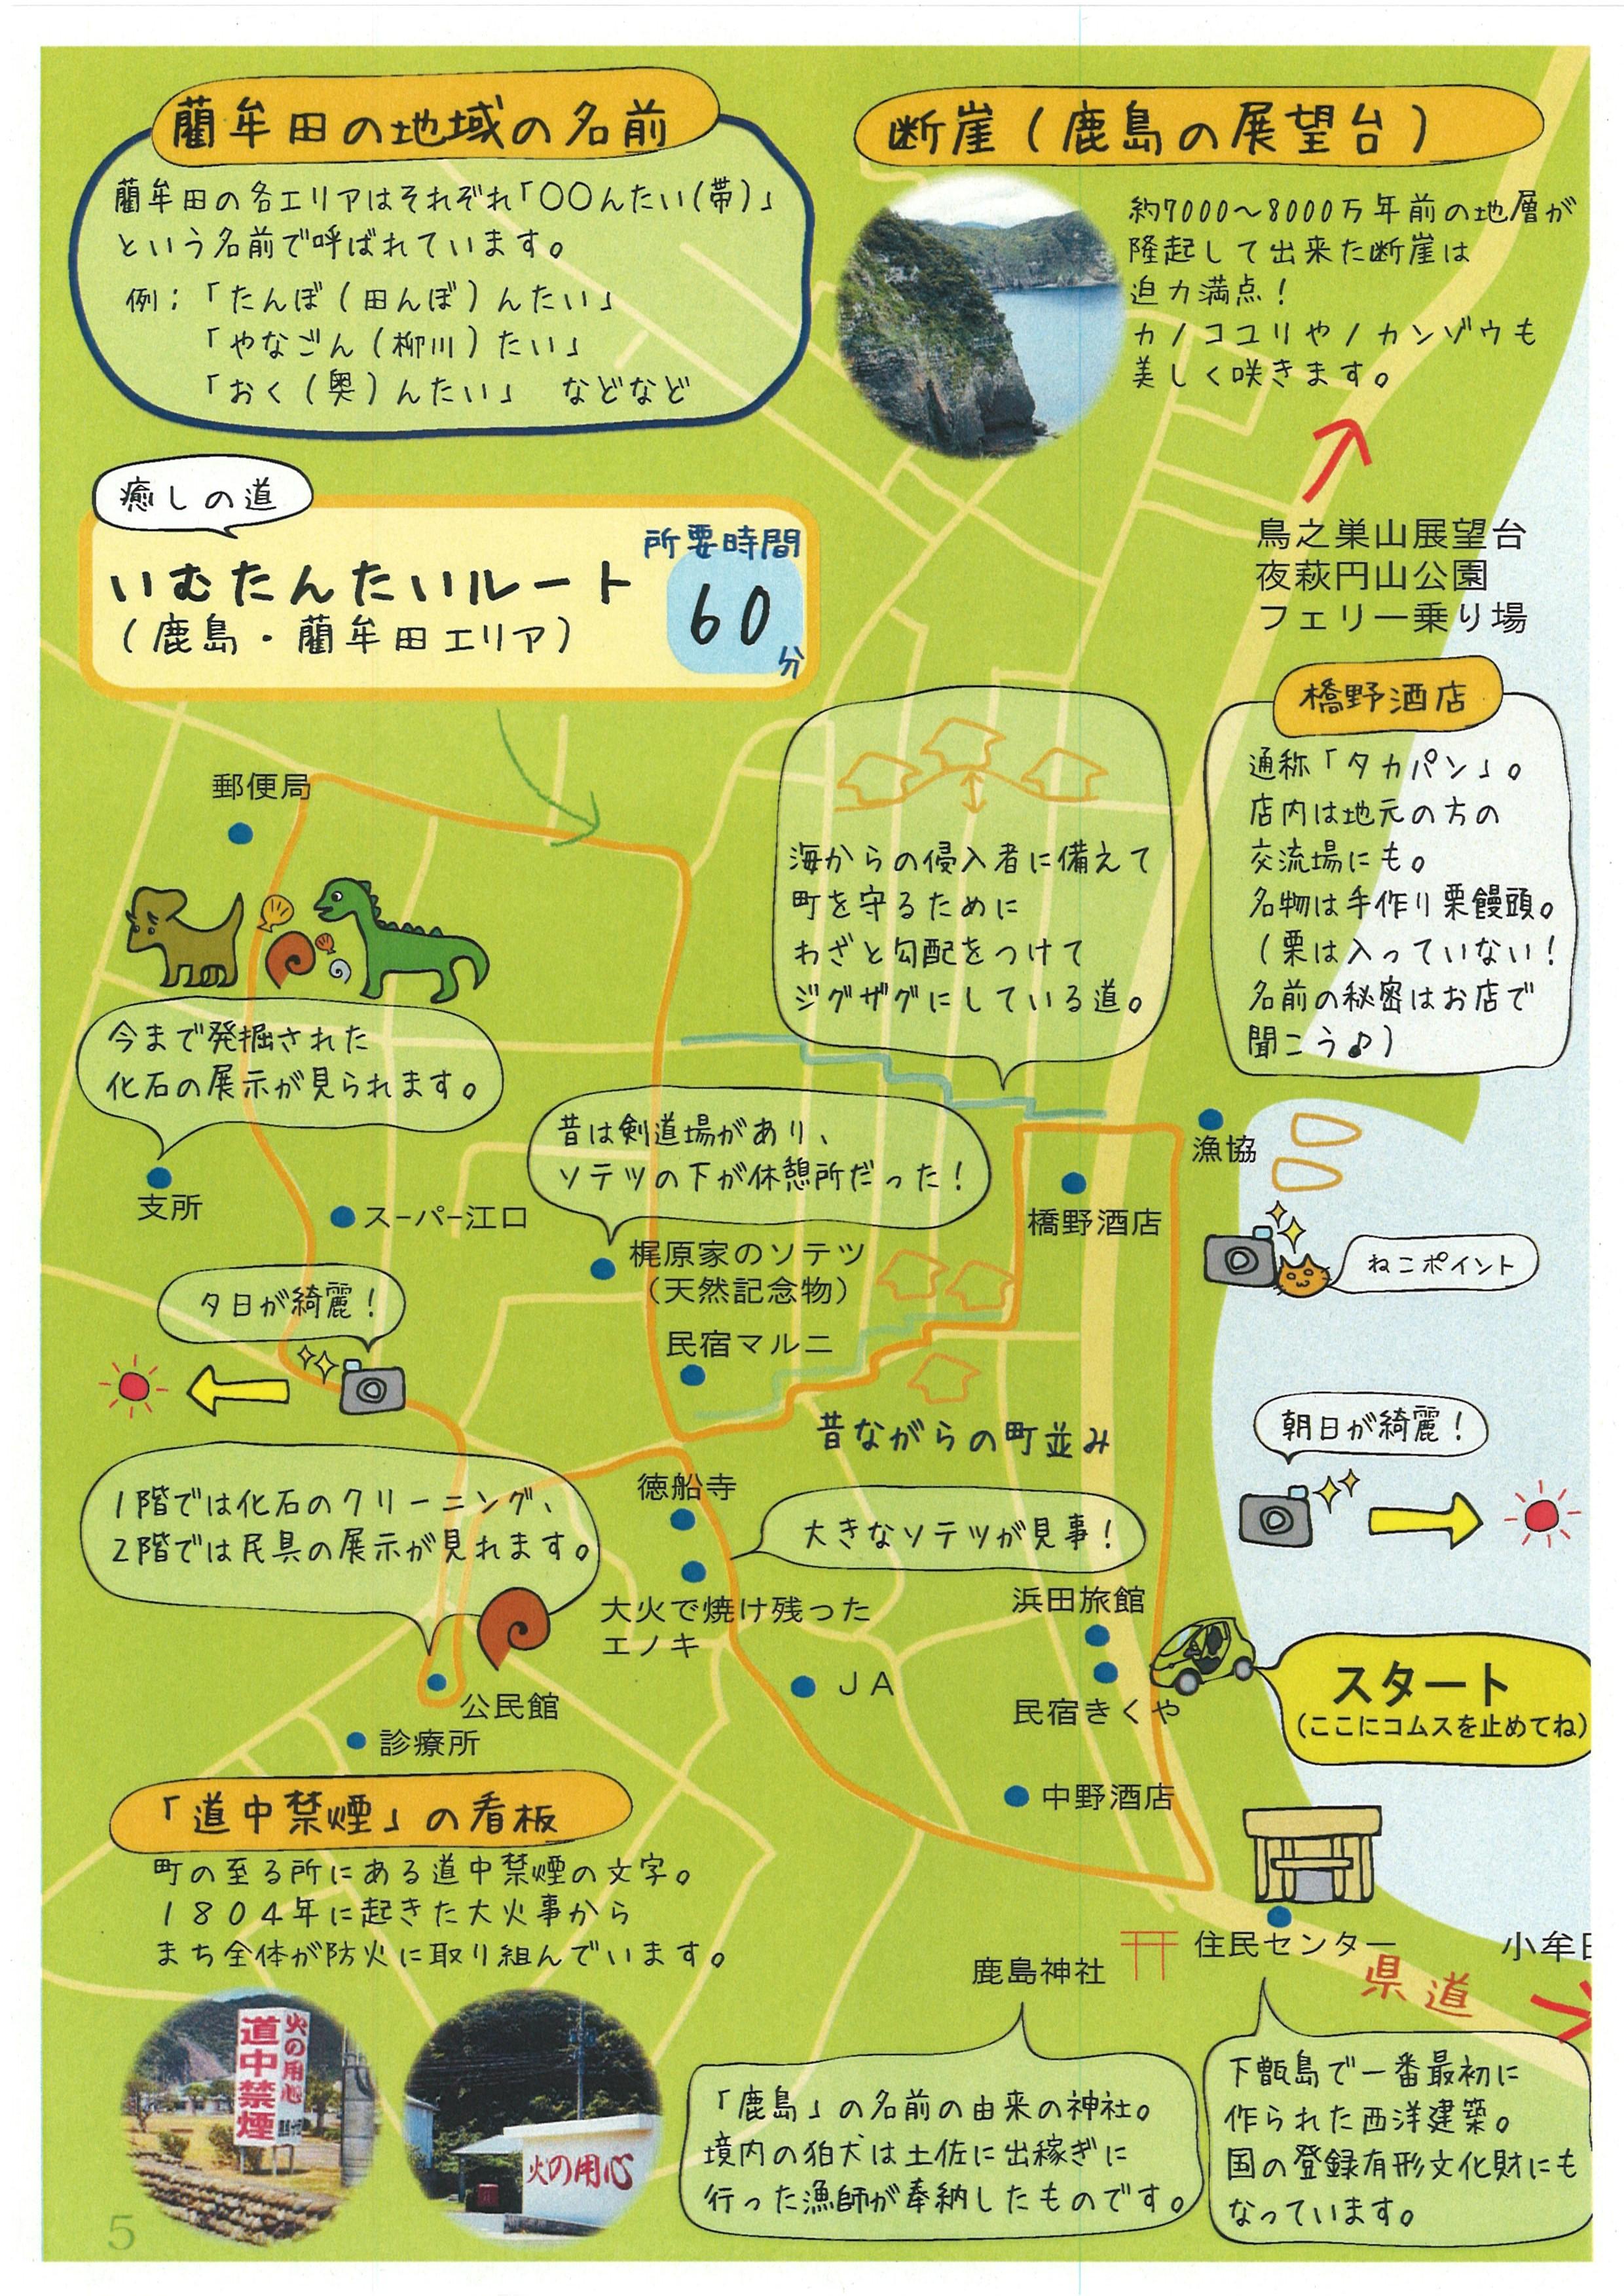 手作りマップ(下甑町鹿島地区藺牟田エリア)